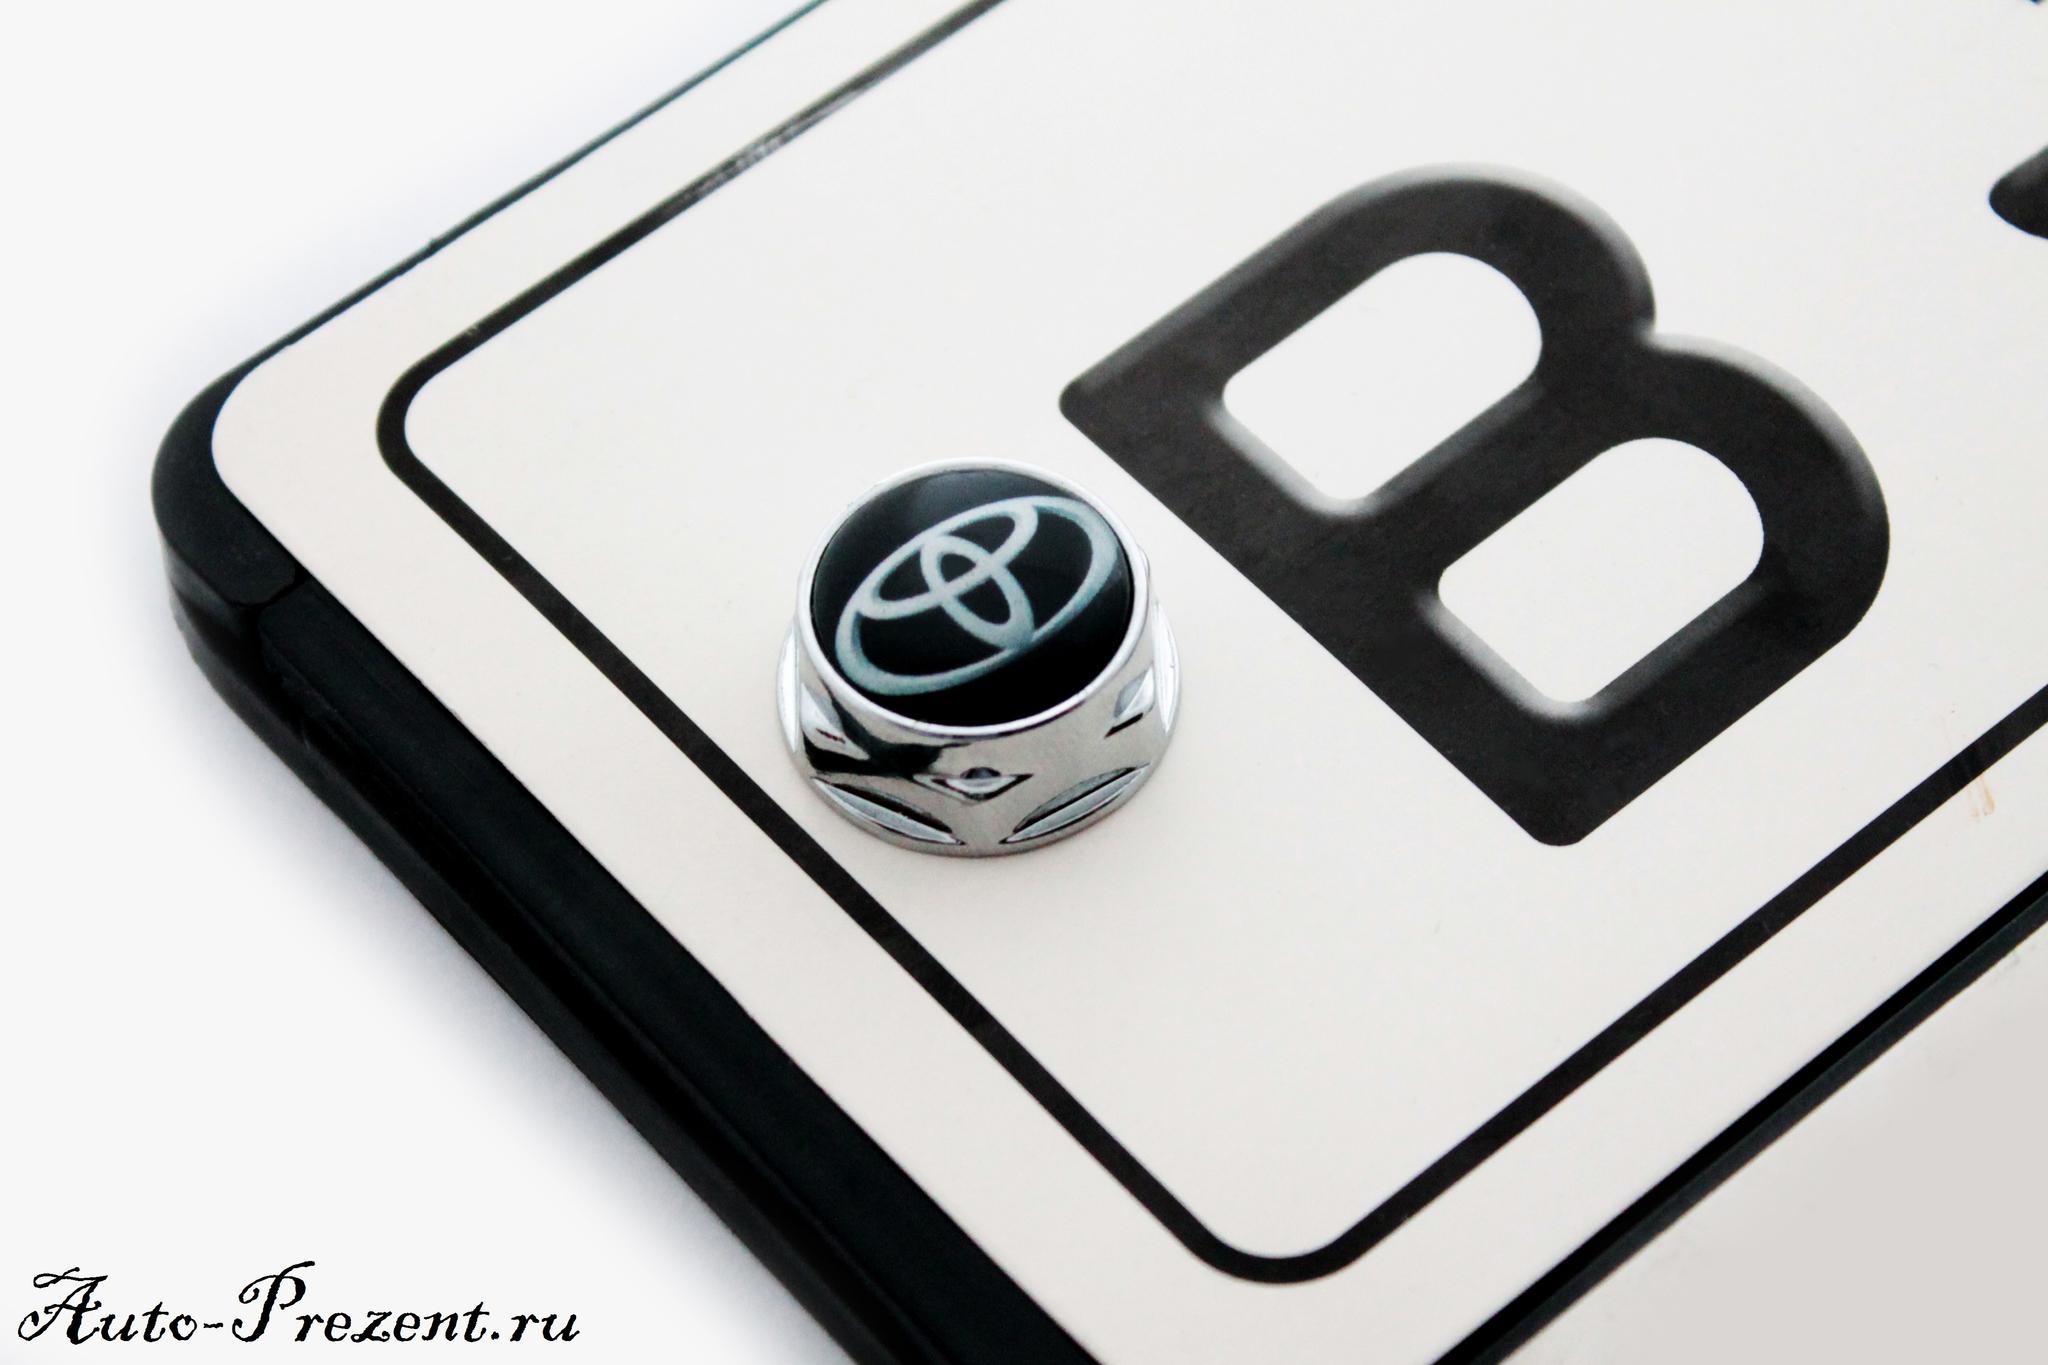 Болты для крепления госномера с логотипом TOYOTA